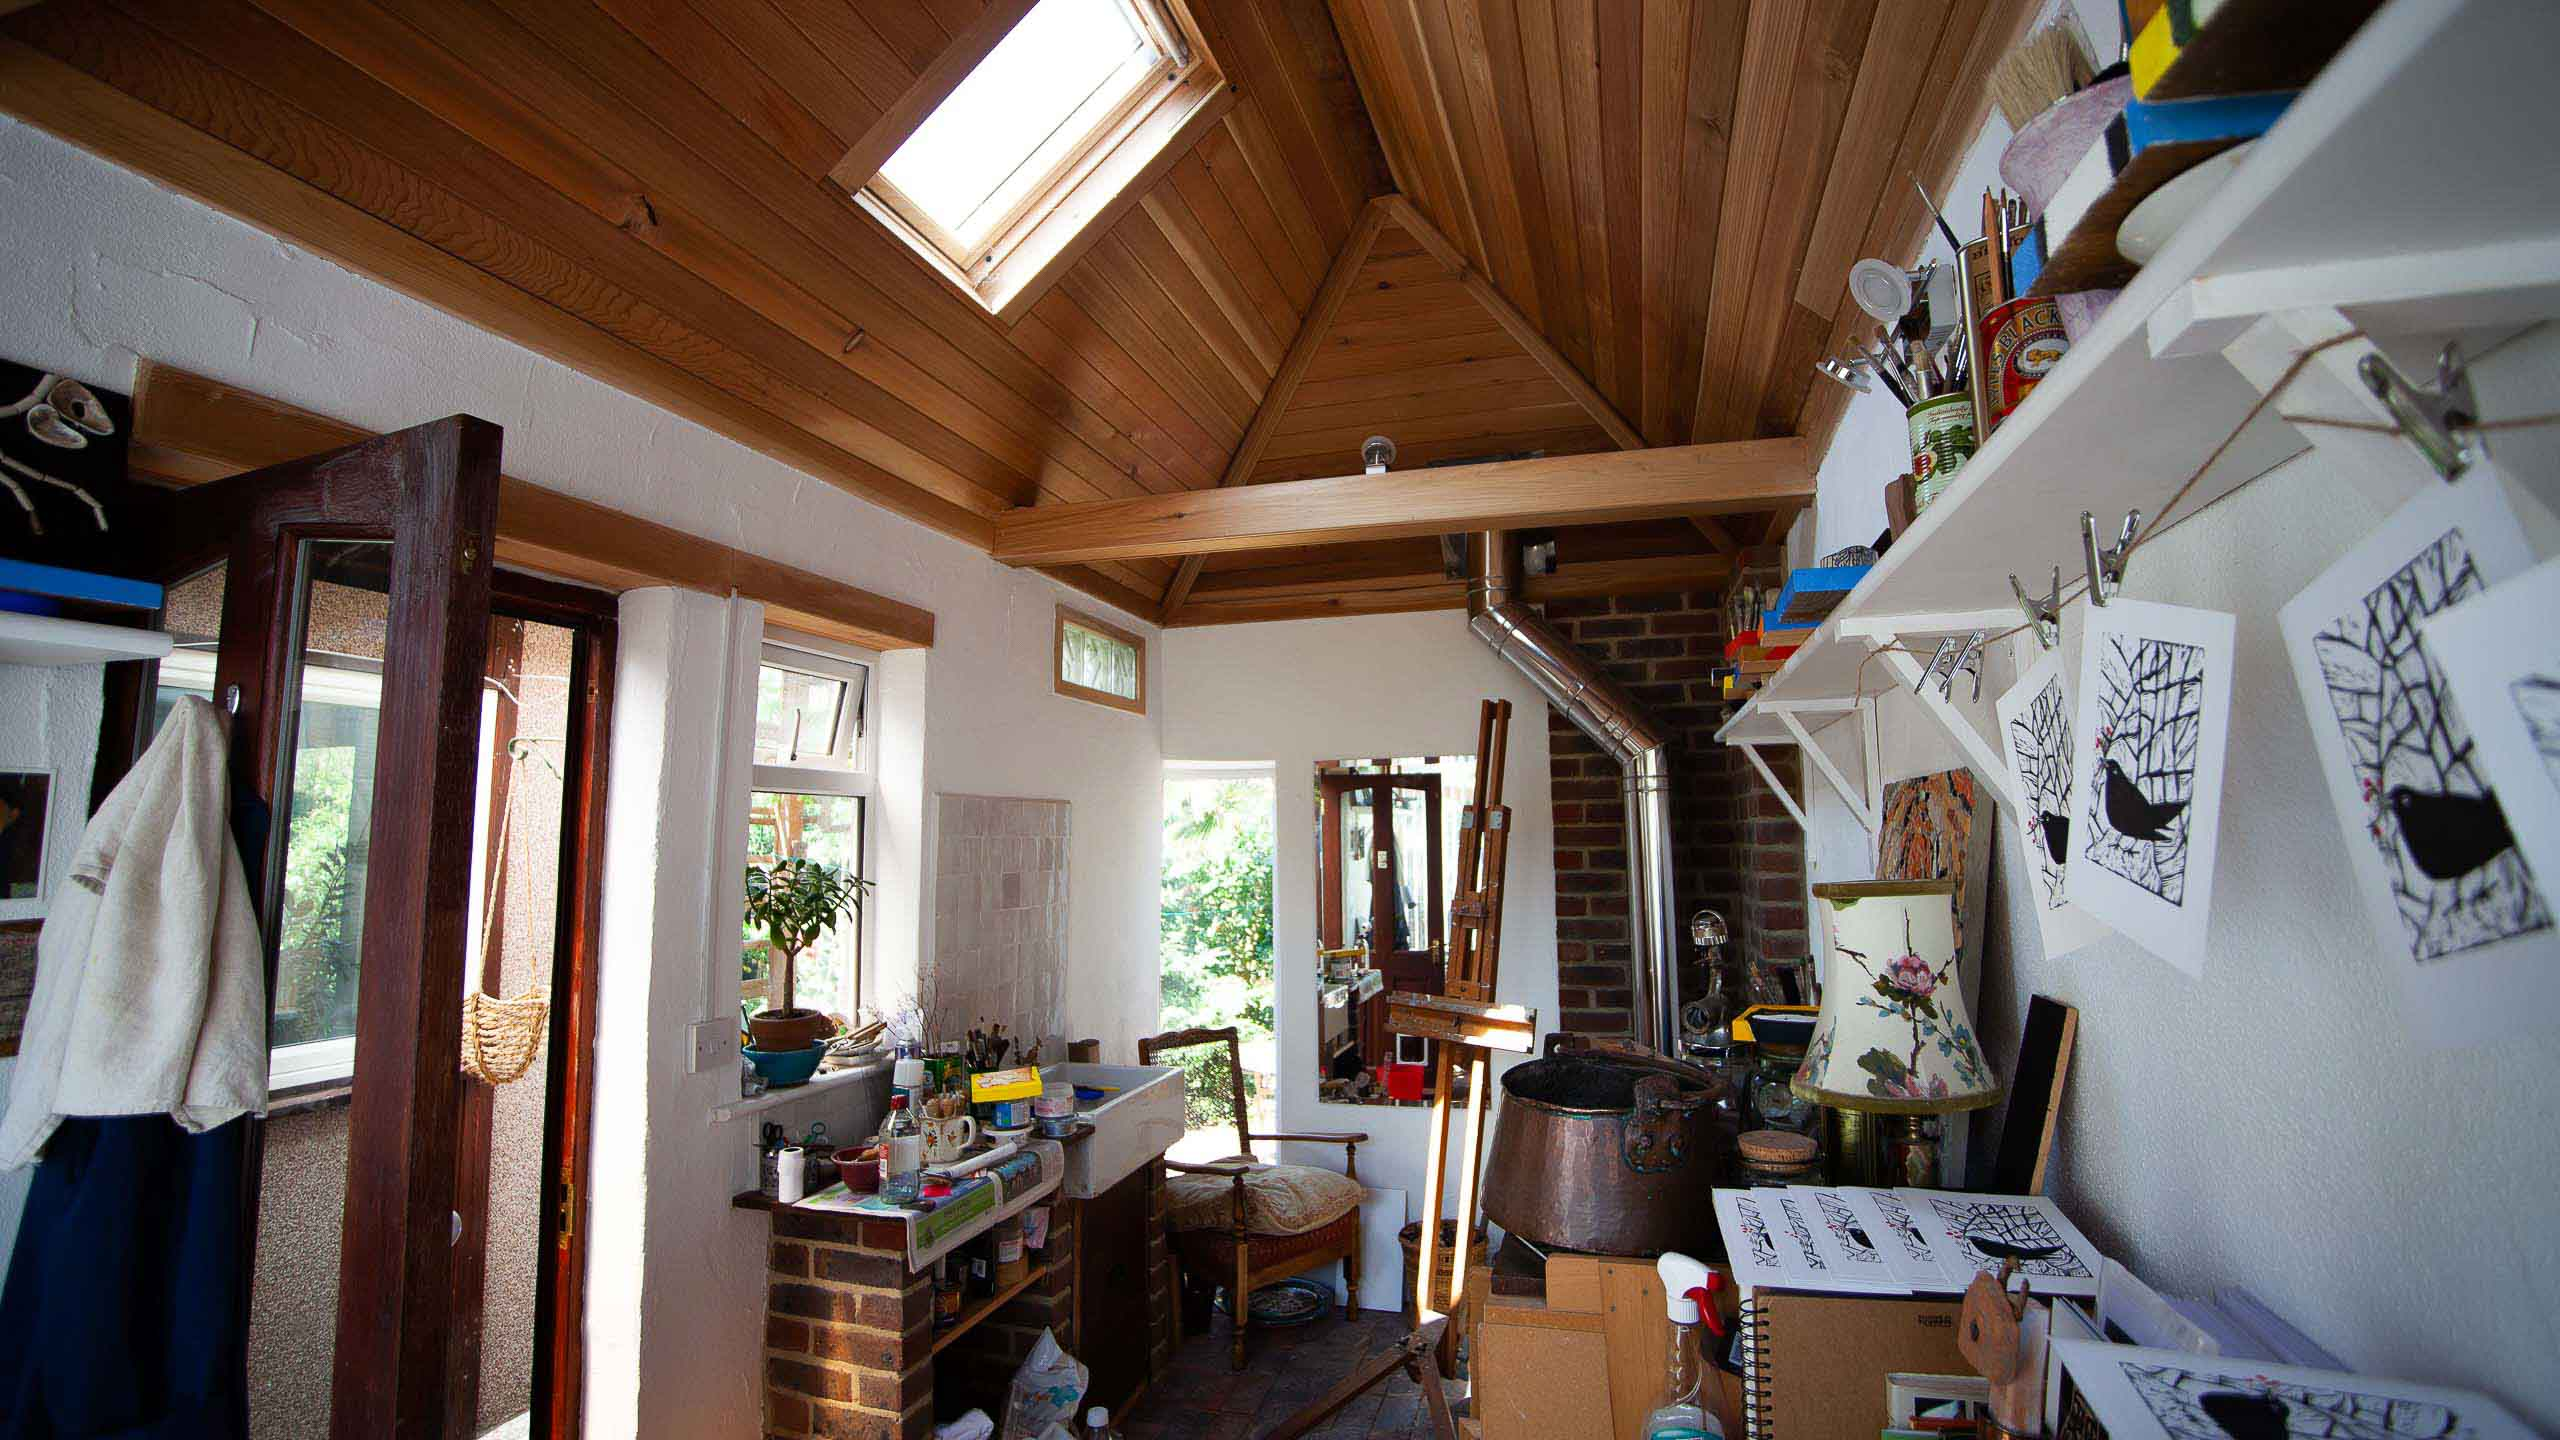 Garden room studio - building work by RJ Steele builders in Sussex